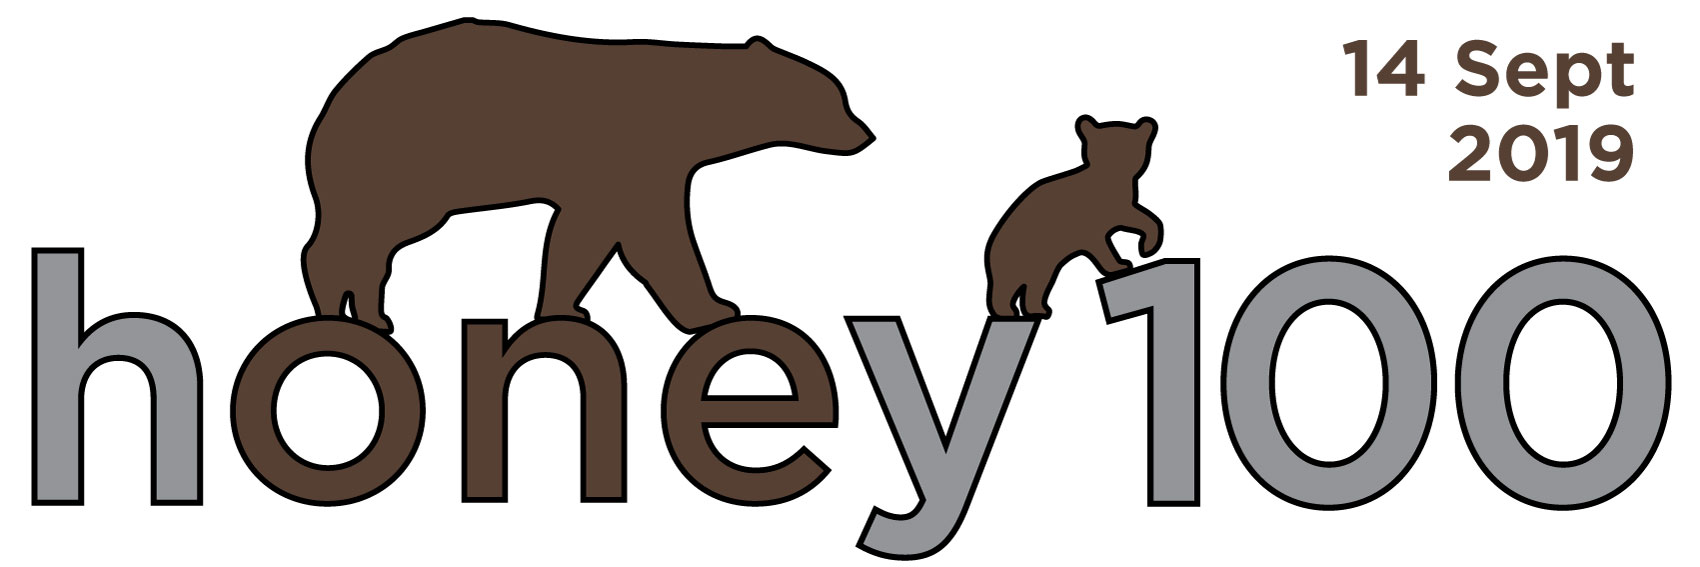 Honey-100-logo-horizontal-190603.jpg